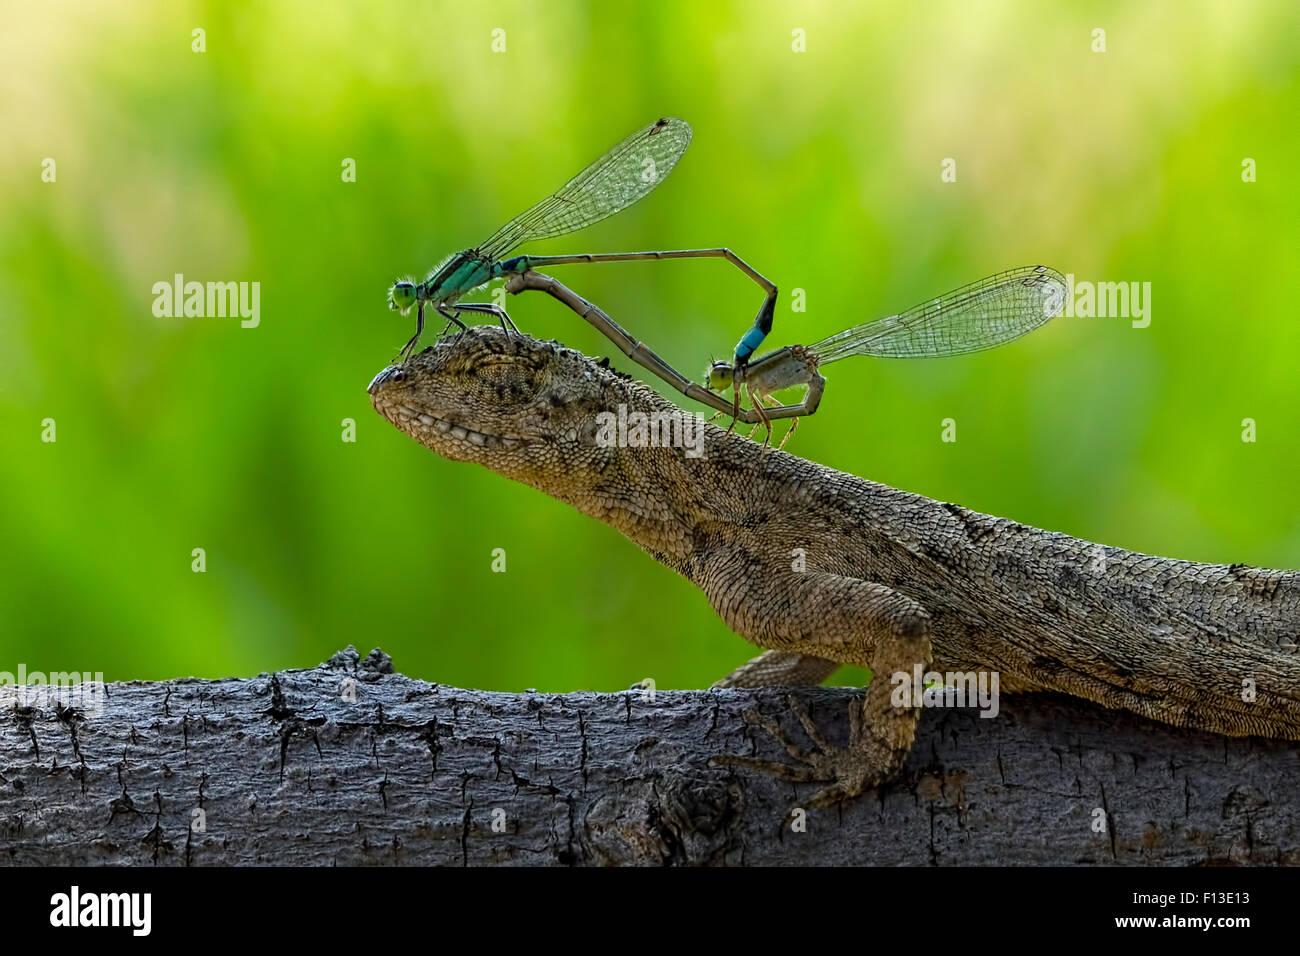 Dos apareamiento damselflies sentado sobre la cabeza de un lagarto Imagen De Stock